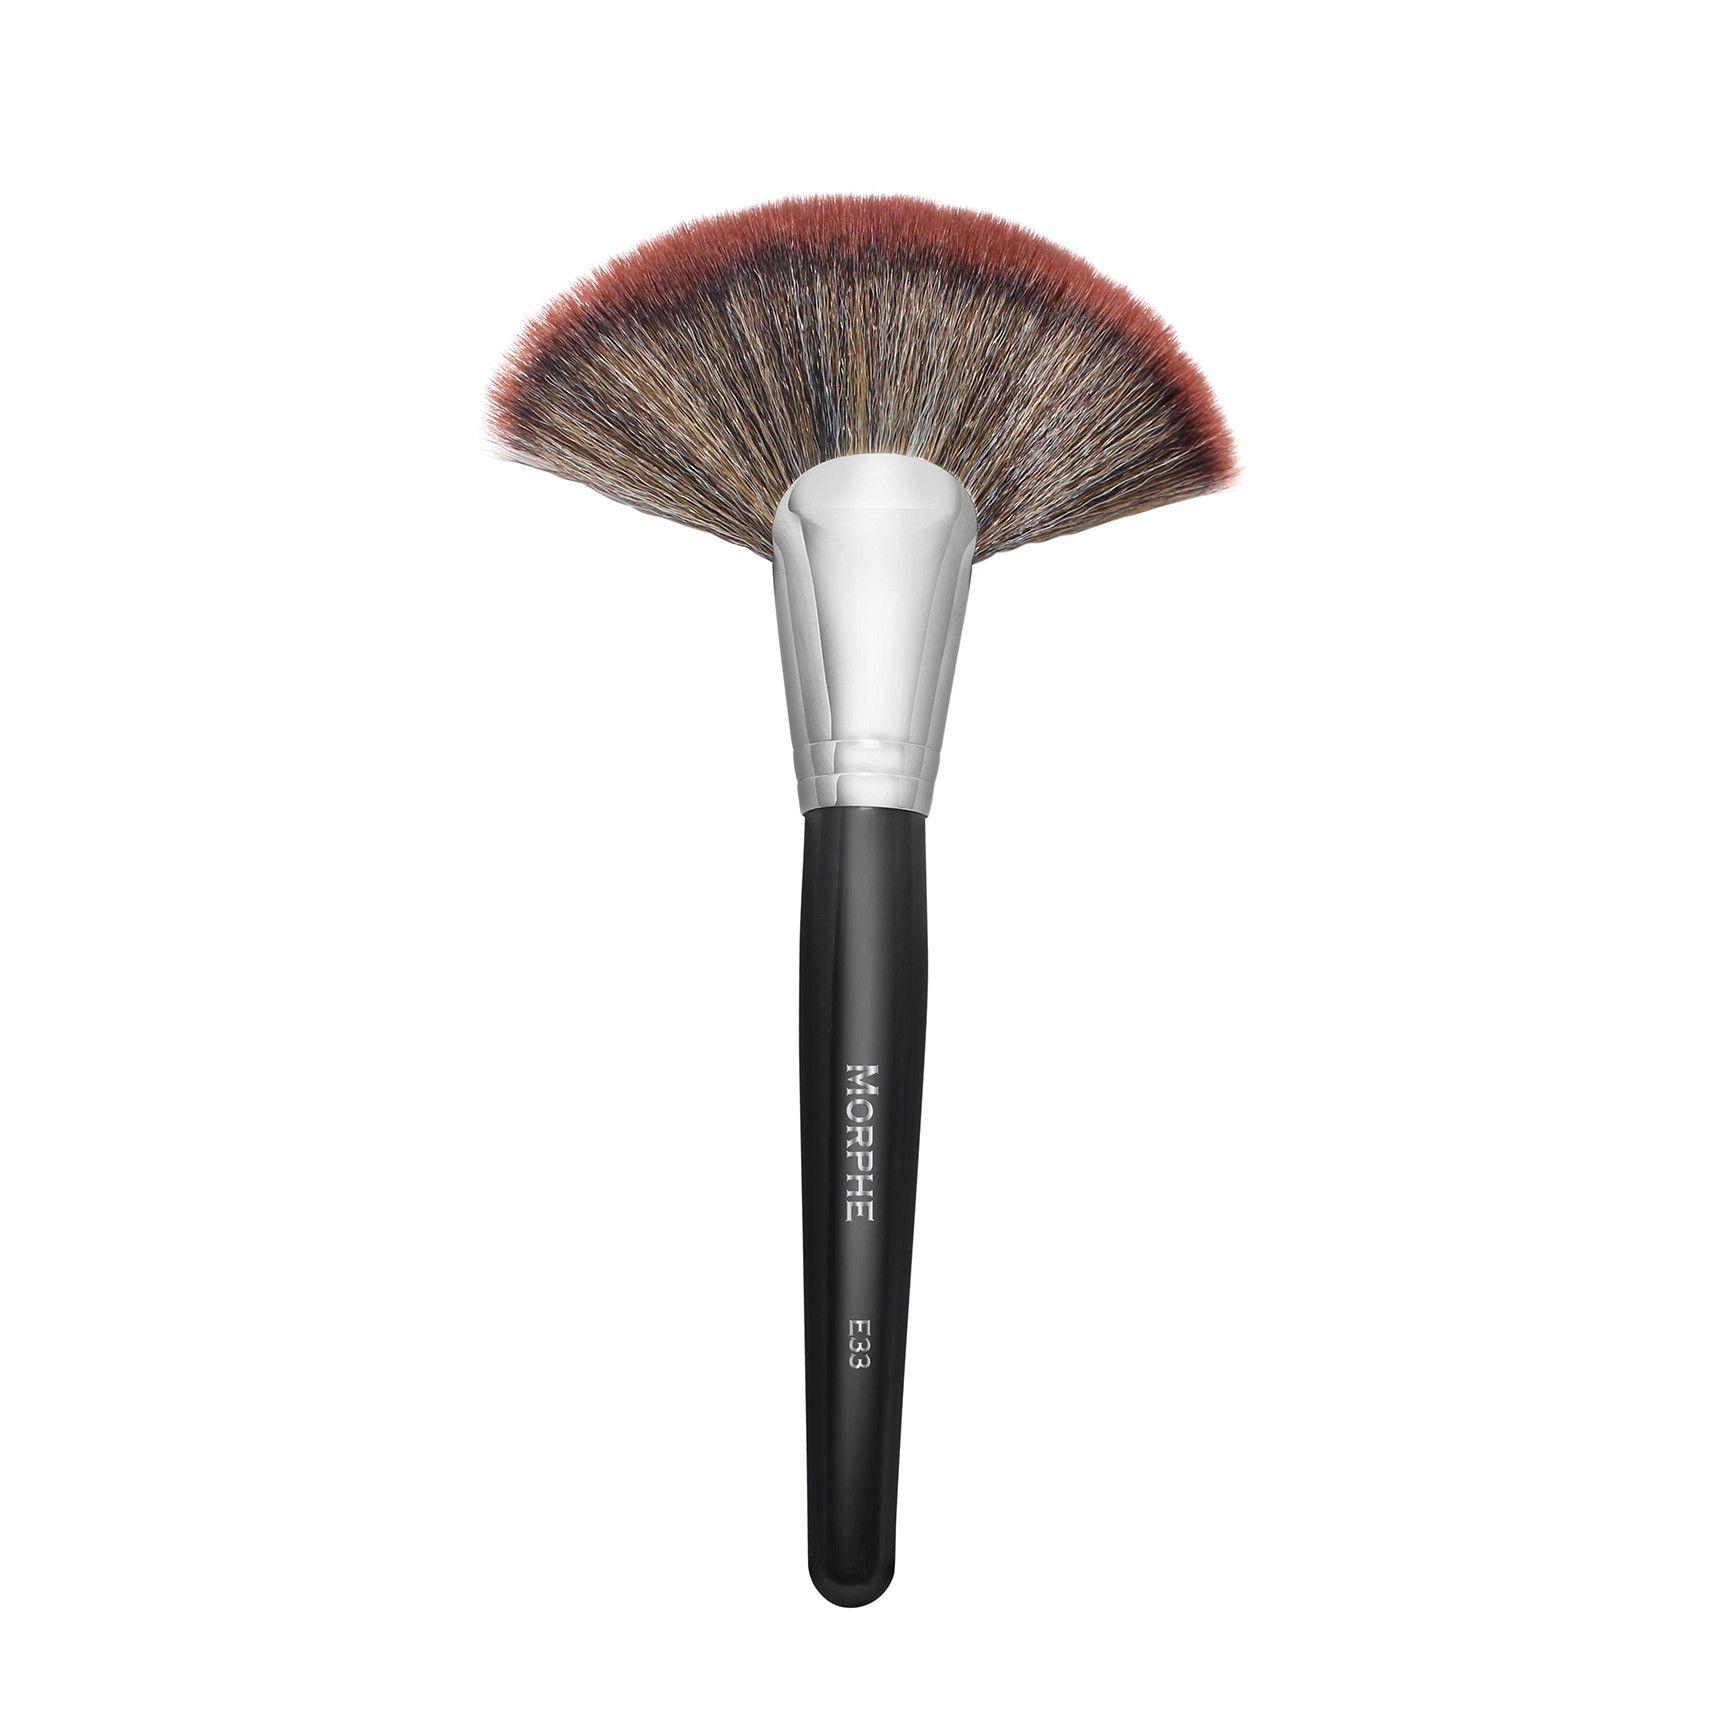 E33 Deluxe Fan Fan Brush Makeup Morphe Highlighter Brush